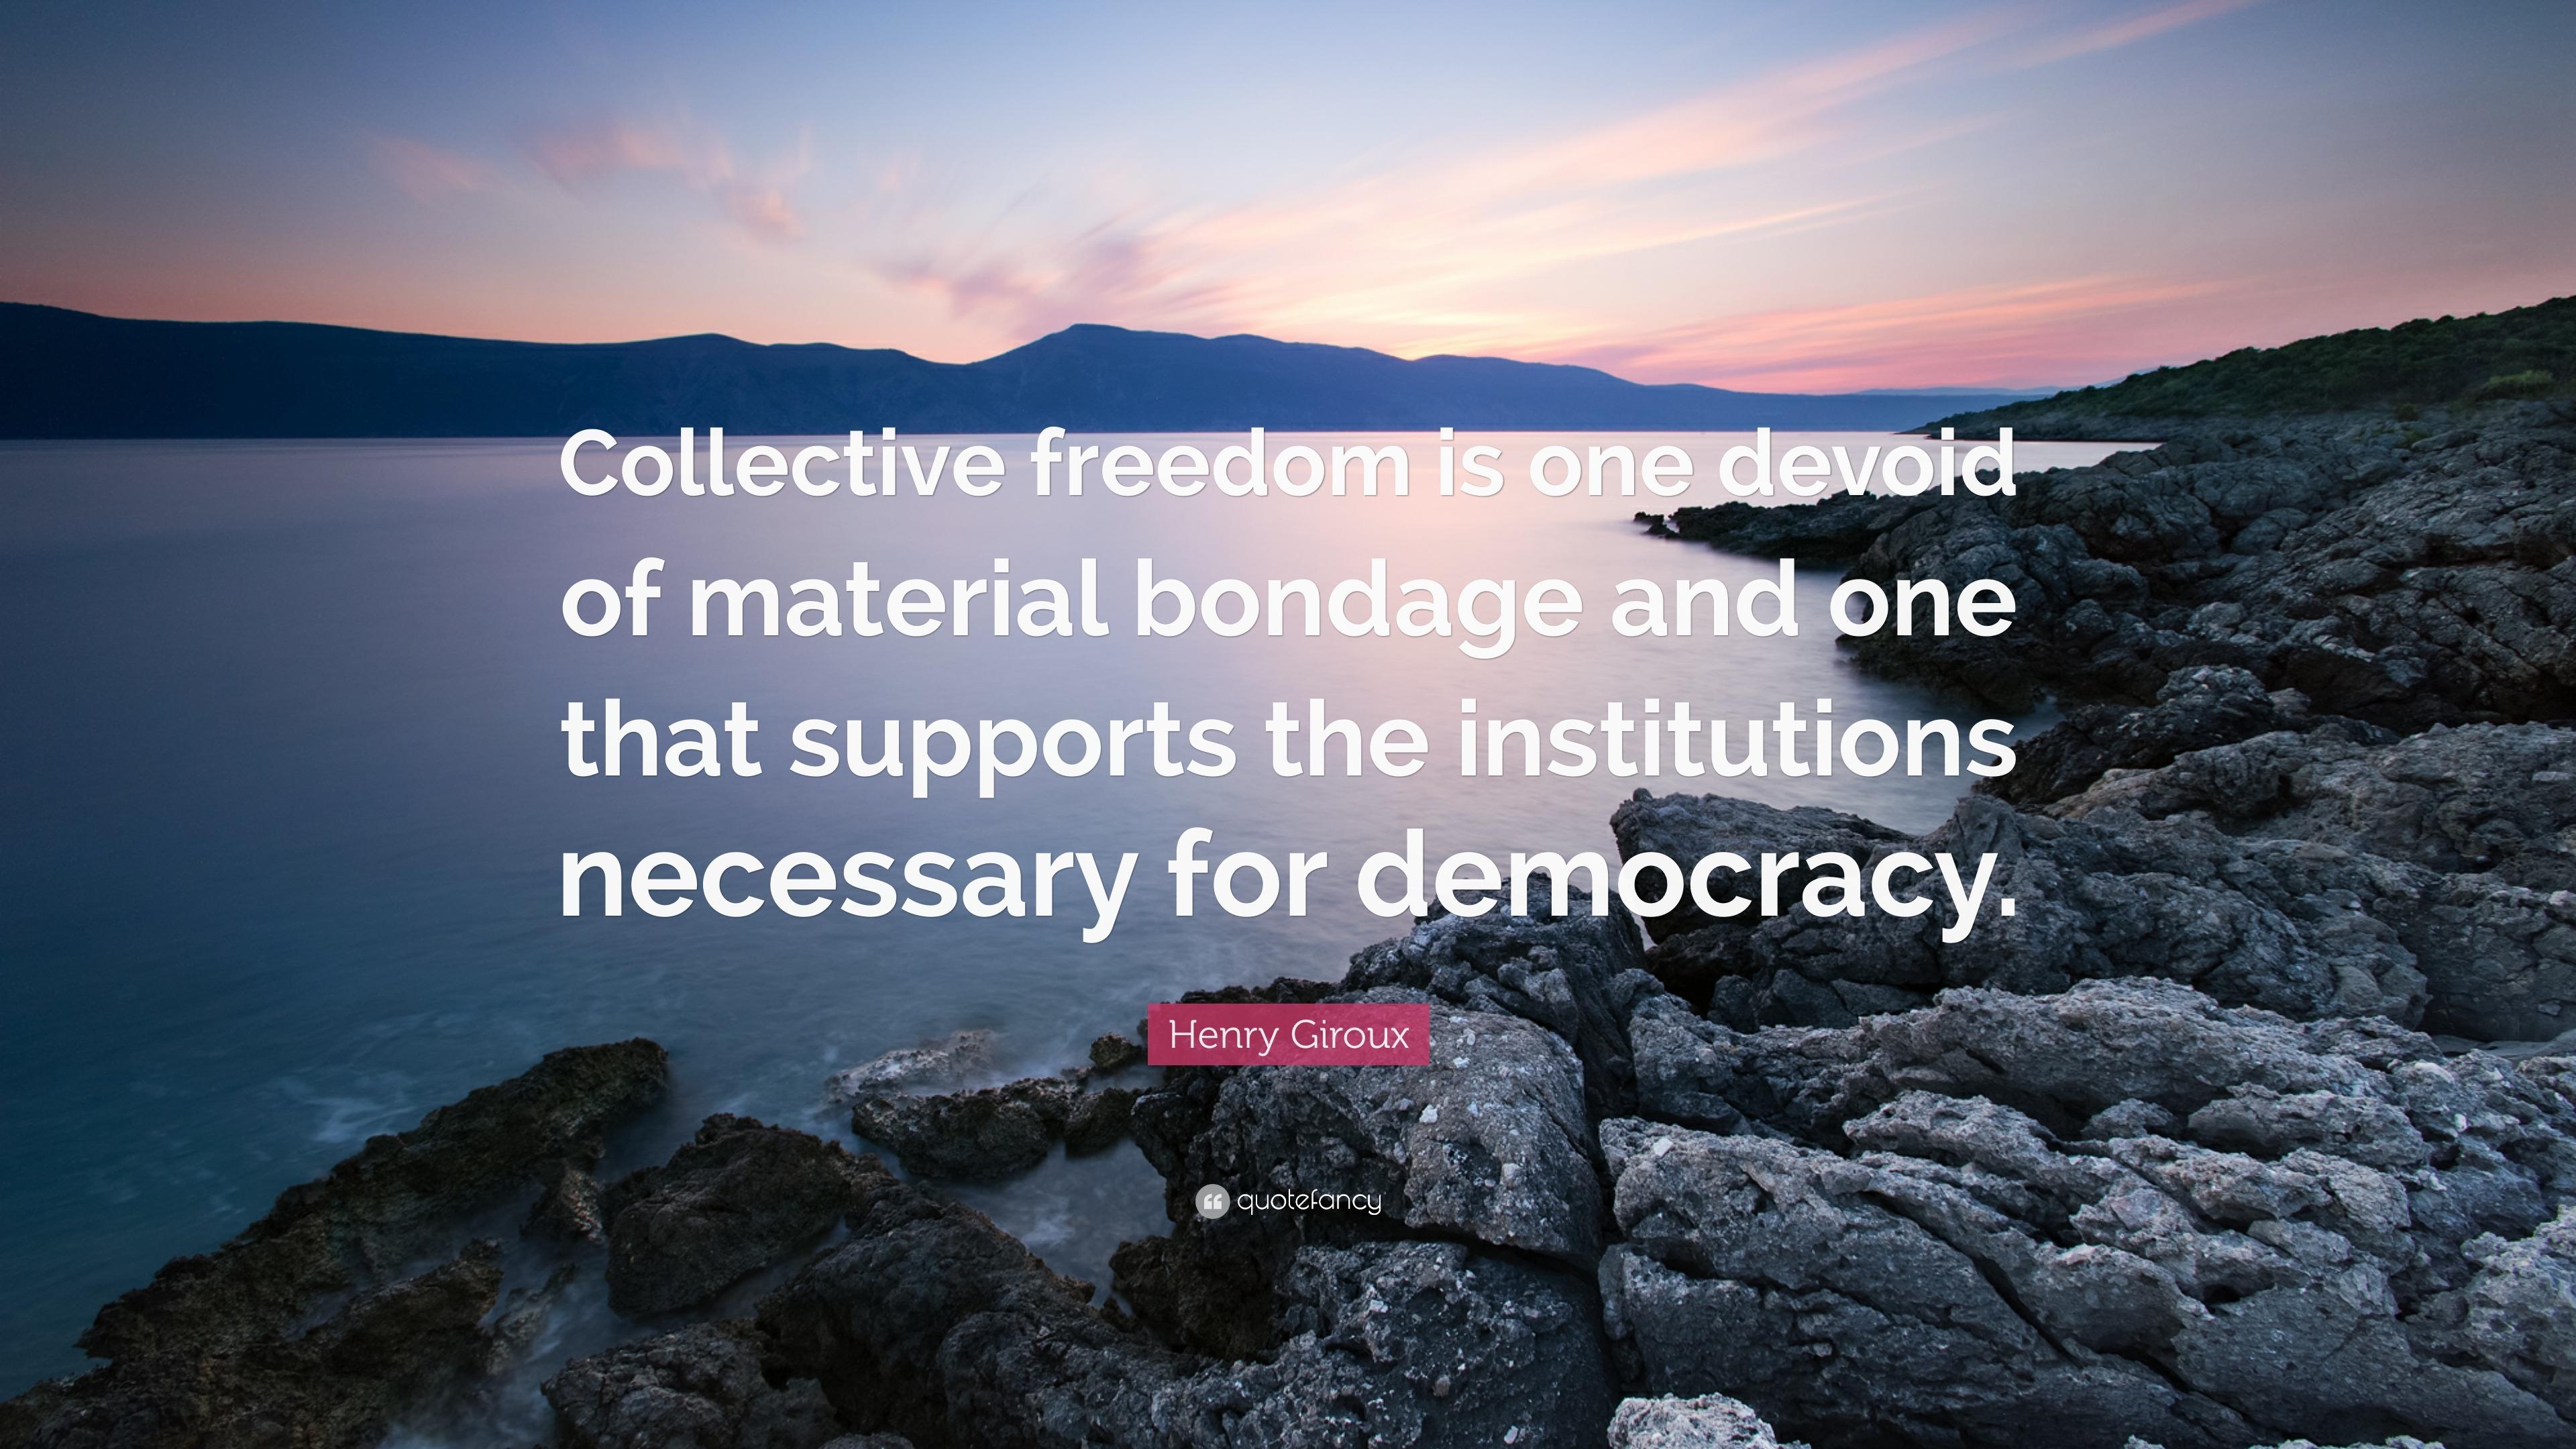 Freedom democracy bondage